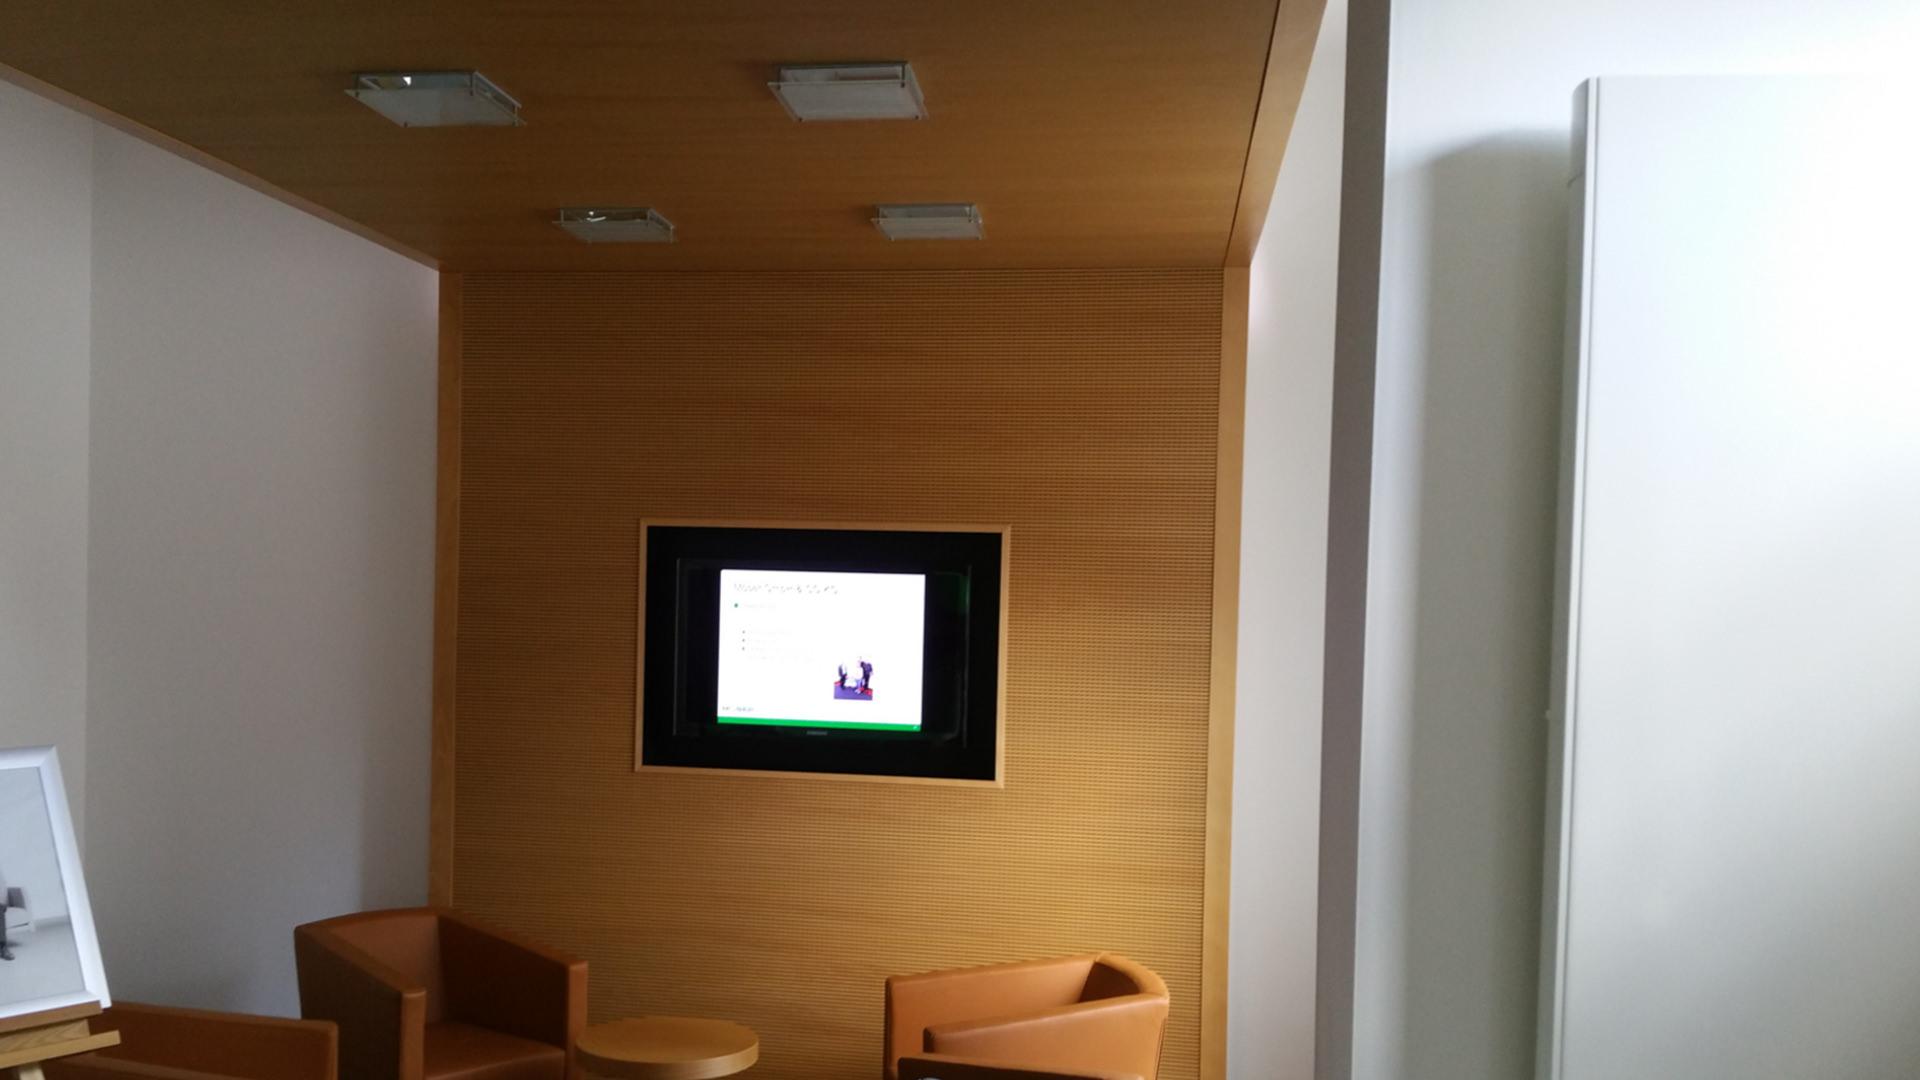 Buche Schallschutzdecke in einem Wartebereich